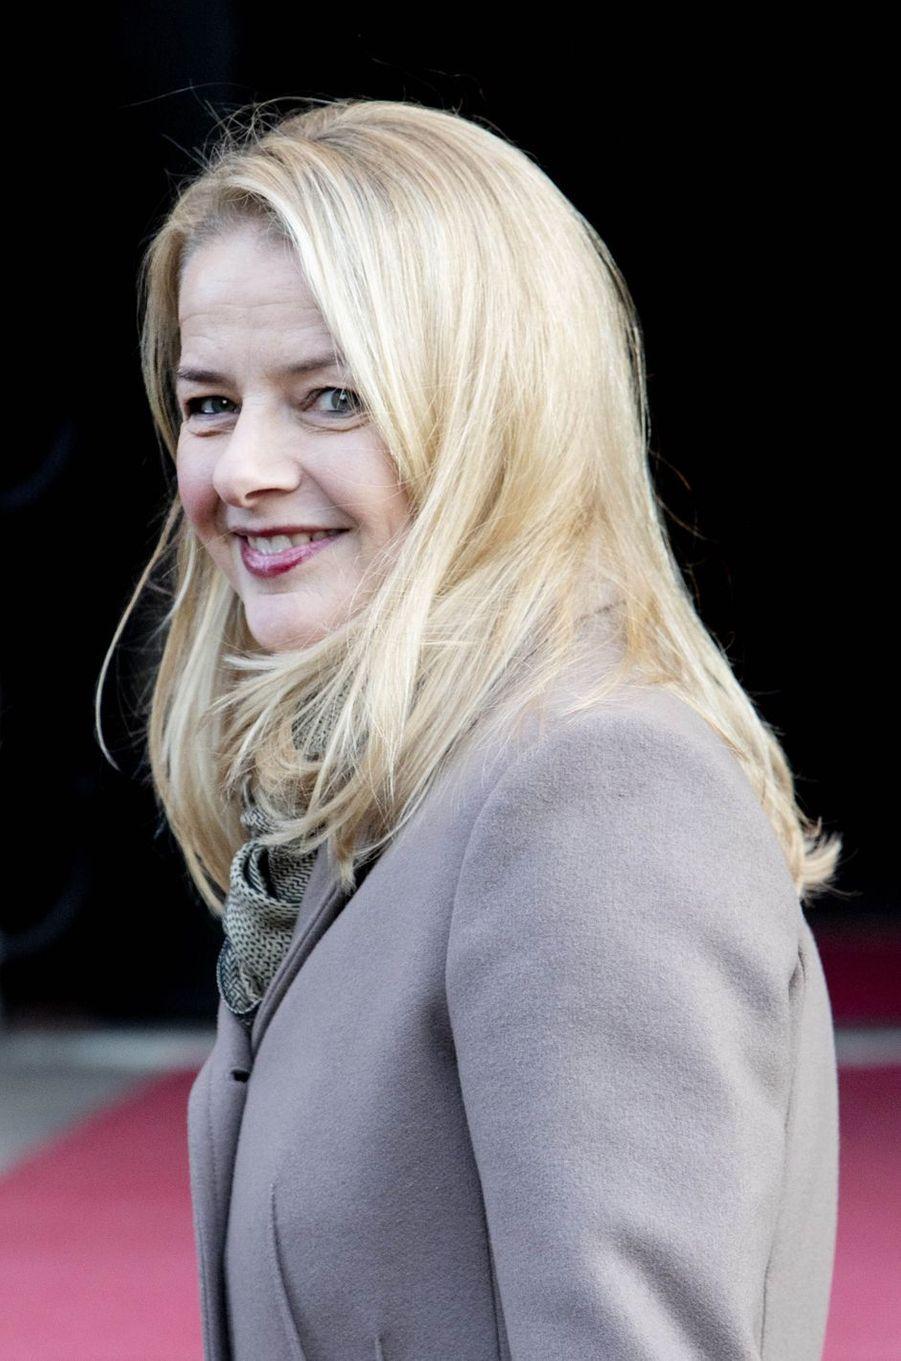 La princesse Mabel des Pays-Bas à Amsterdam, le 4 décembre 2019